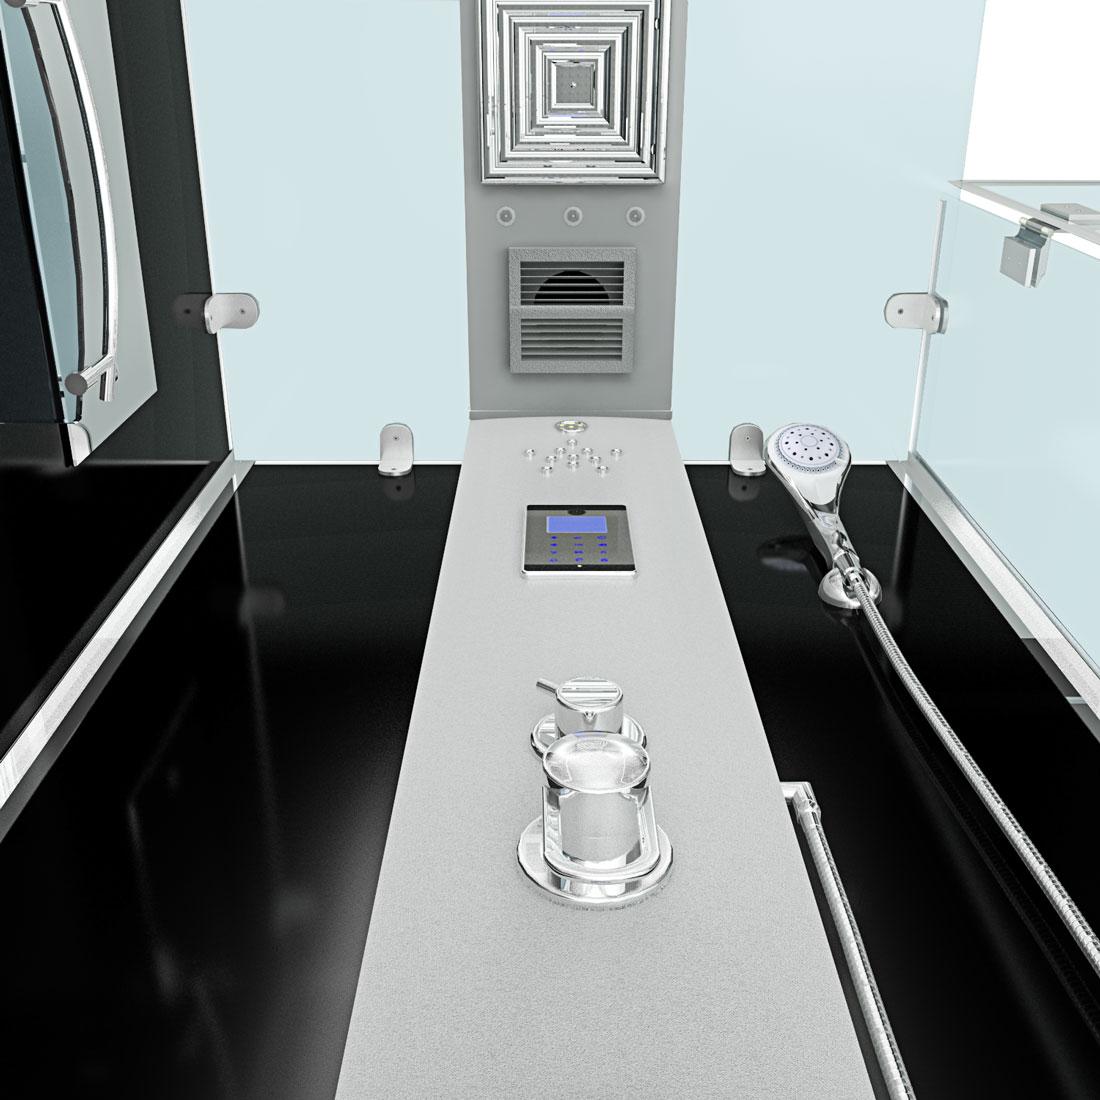 acquavapore dtp6038 3302r dusche dampfdusche duschtempel duschkabine 90x90 ebay. Black Bedroom Furniture Sets. Home Design Ideas